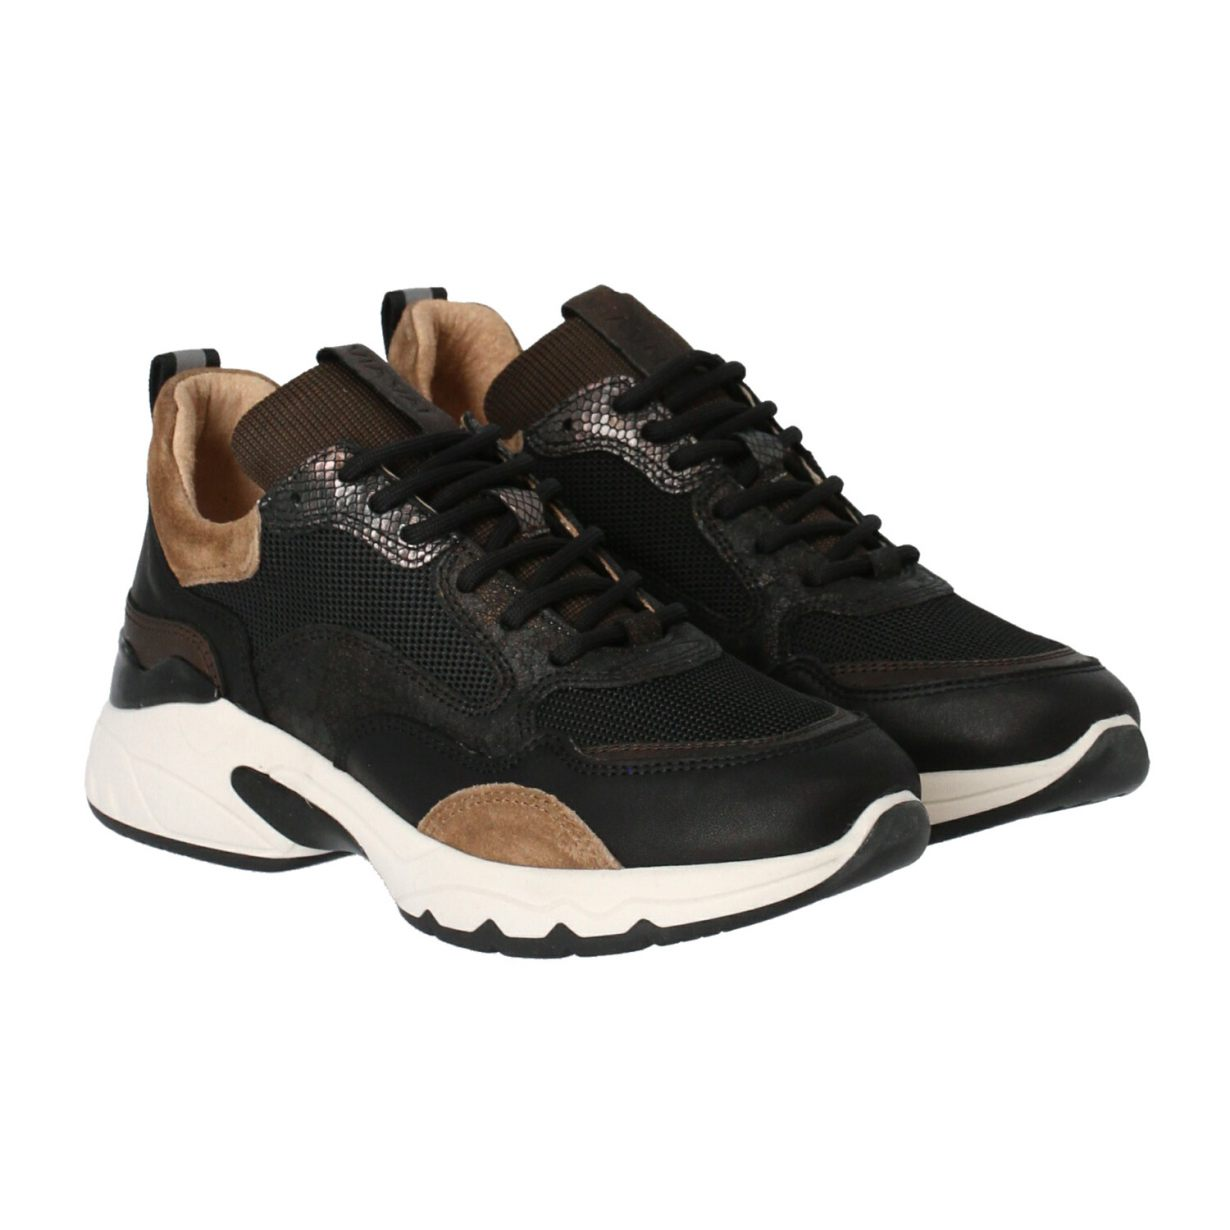 Via Vai Dames Sneaker  57115-01-801